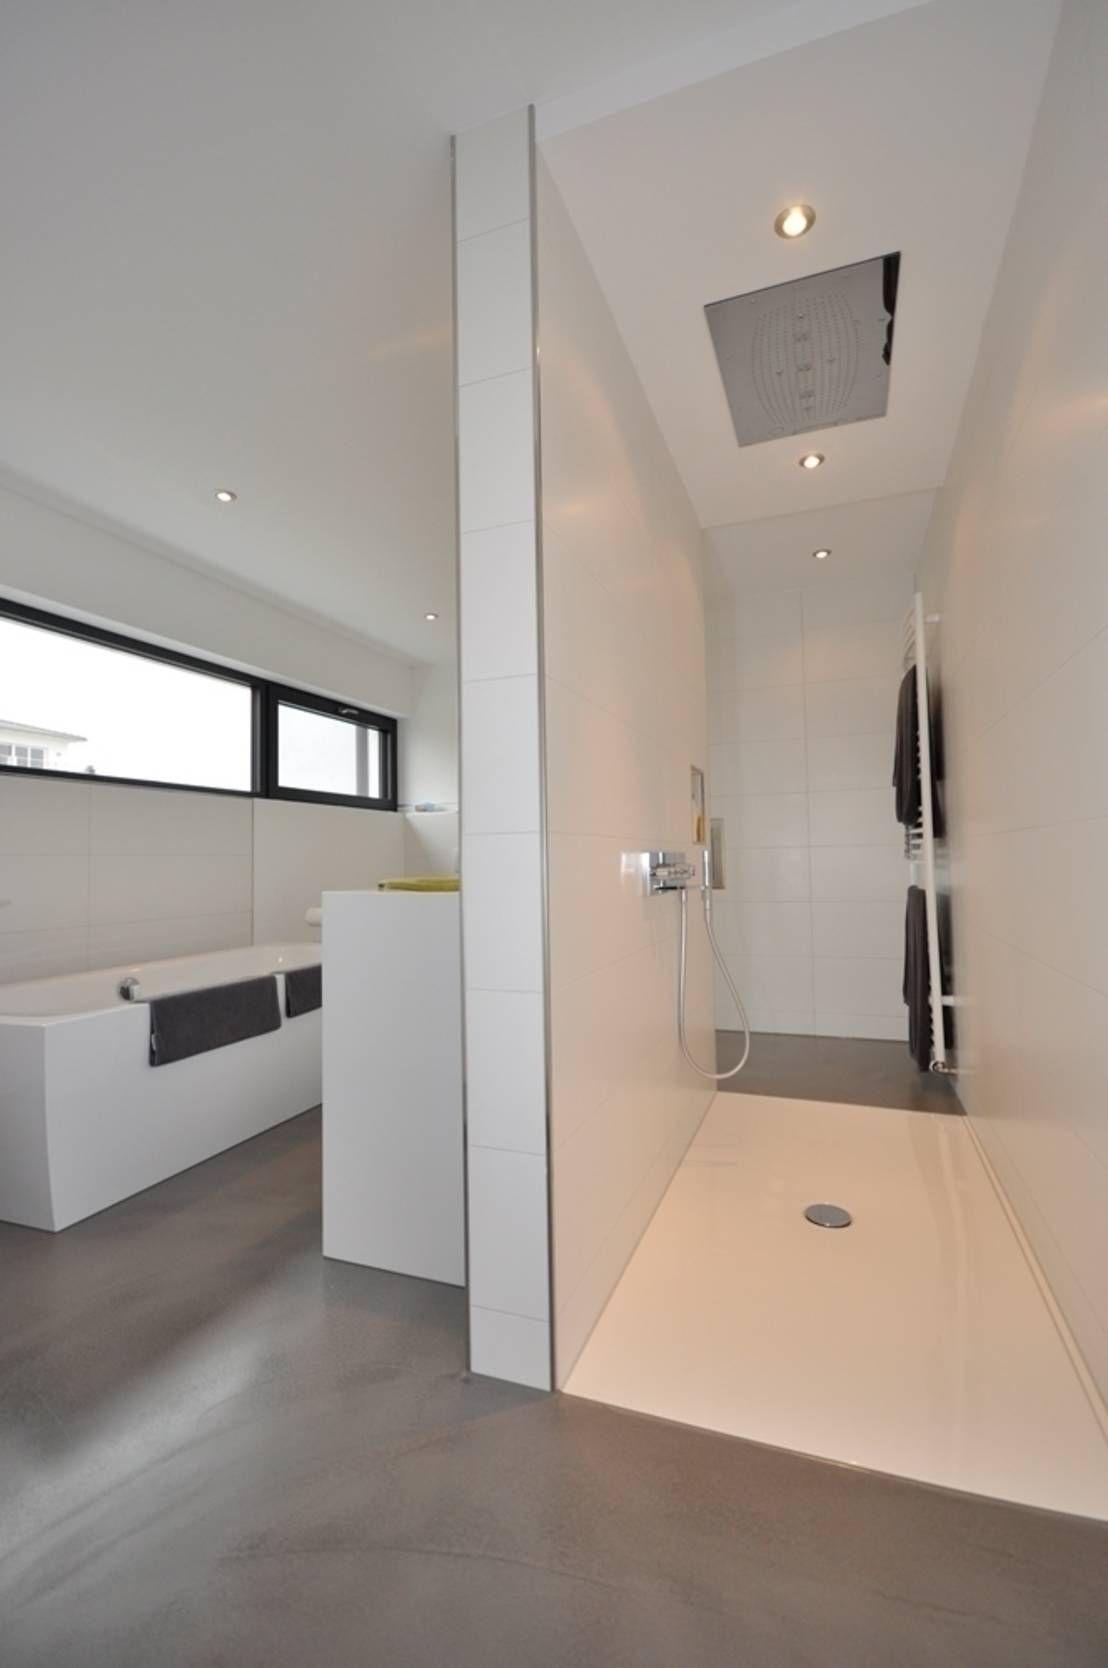 Haus badezimmer design reduziert wohnen  haus and bath